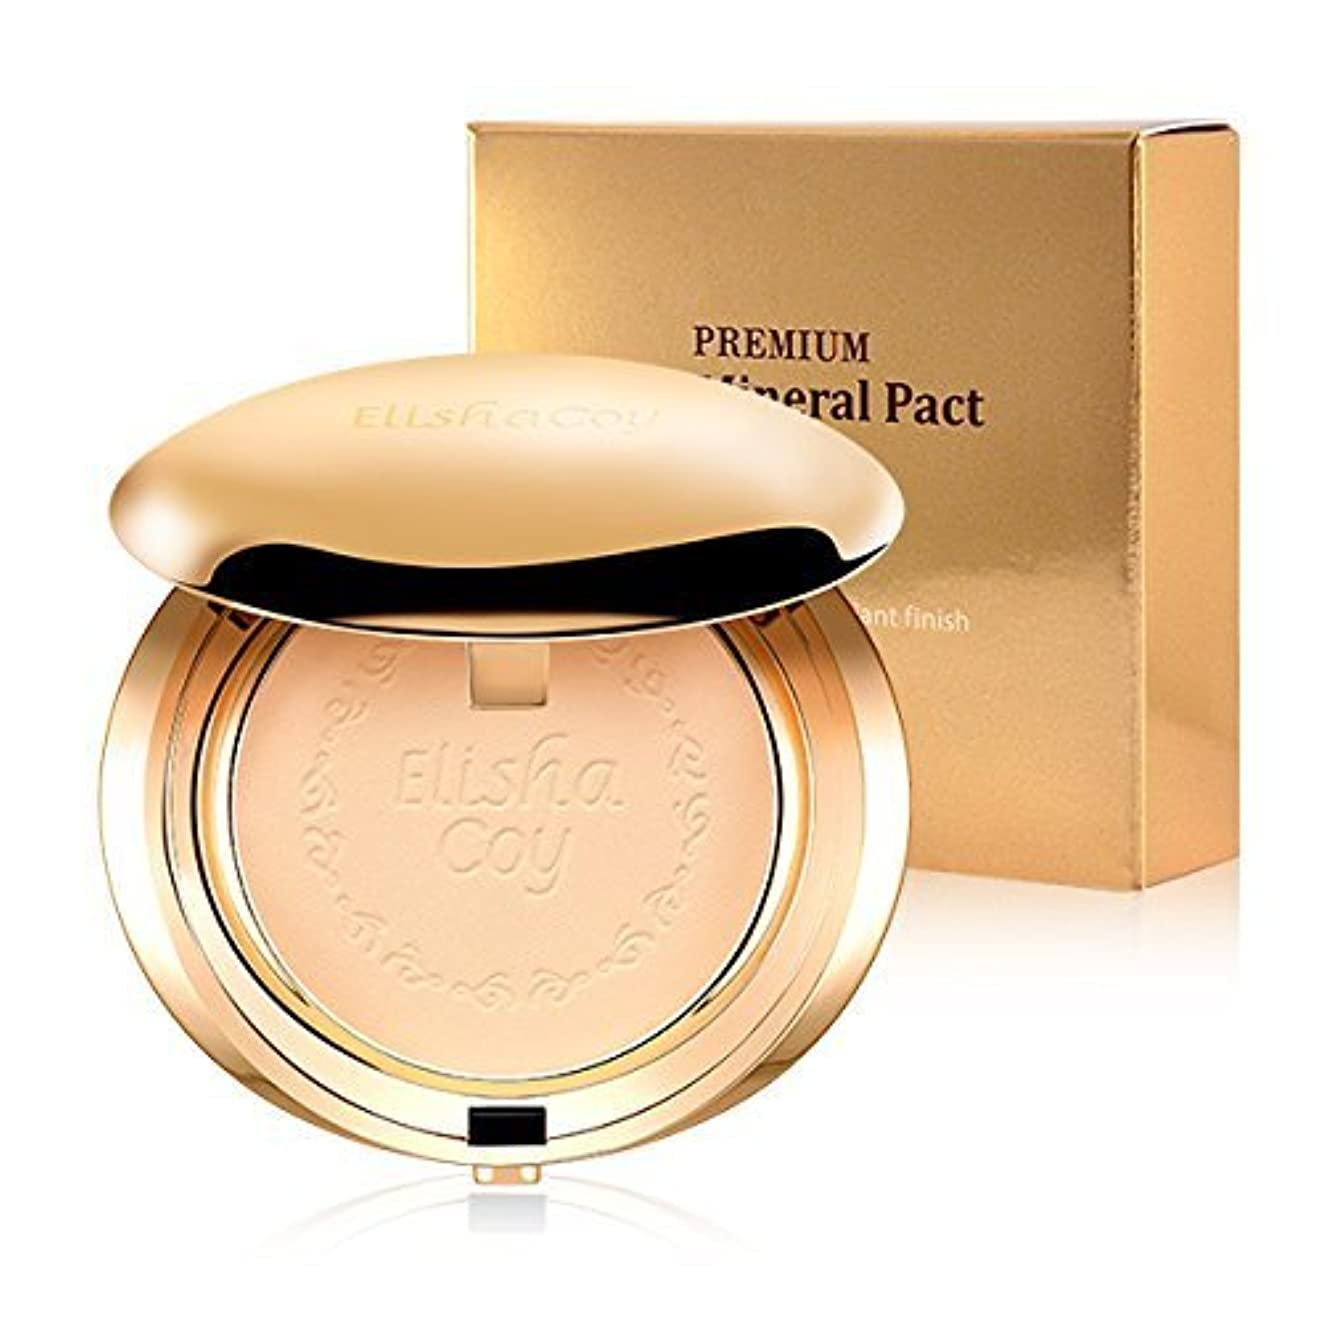 明快超えてプロフィールElishacoy Premium gold mineral pact No.23 アリシアこいプレミアムゴールドミネラルファクト [並行輸入品]